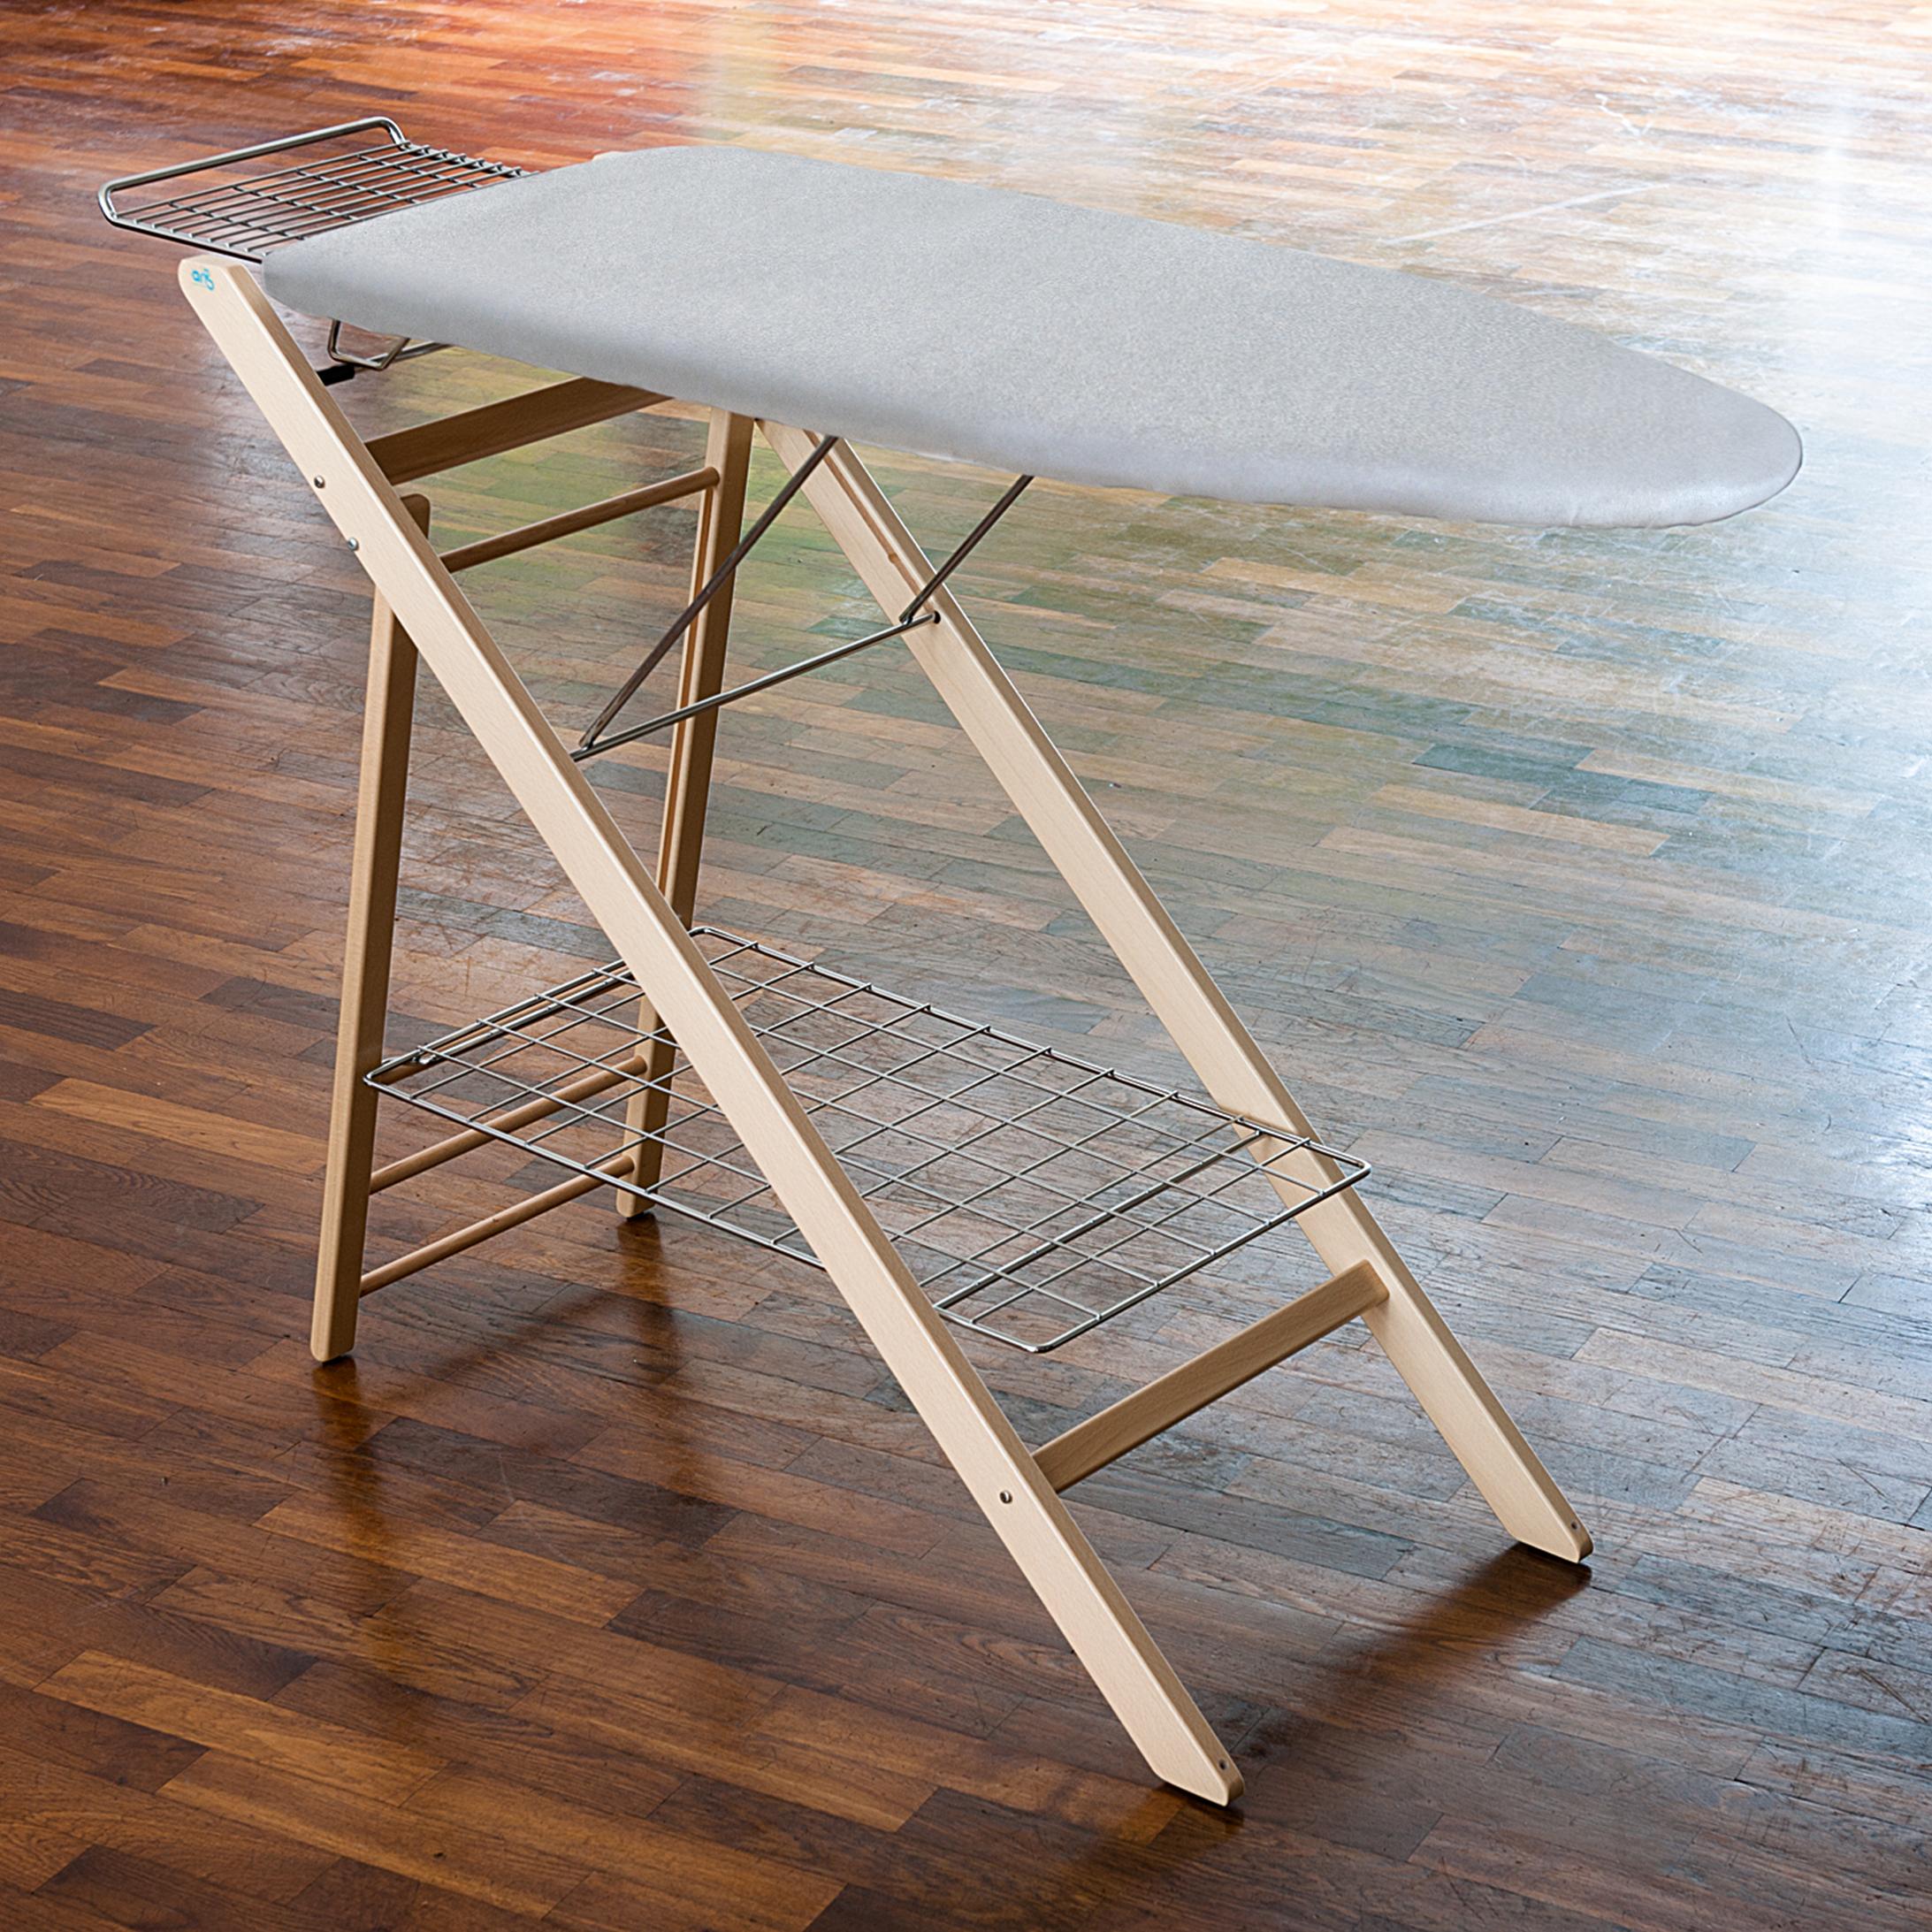 ersatzbezug f r b gelbrett aus holz mit ablage bei. Black Bedroom Furniture Sets. Home Design Ideas